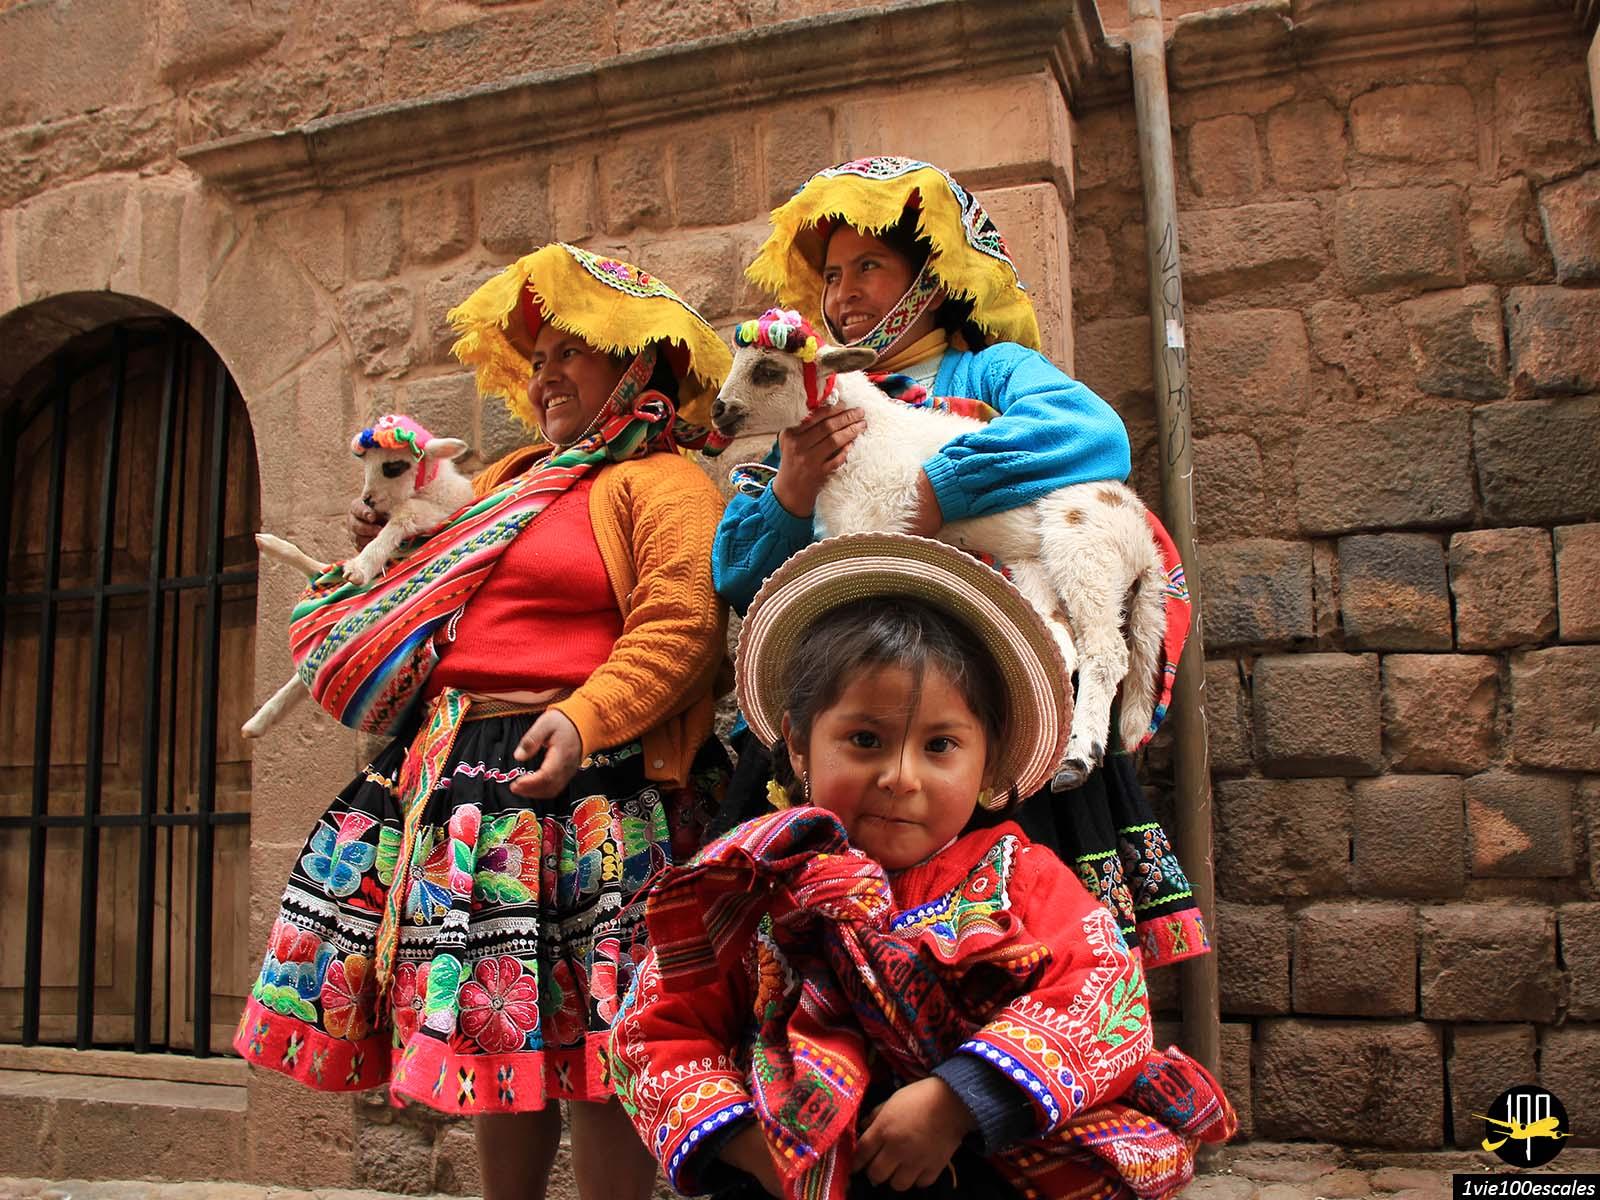 Escale #025 Cusco